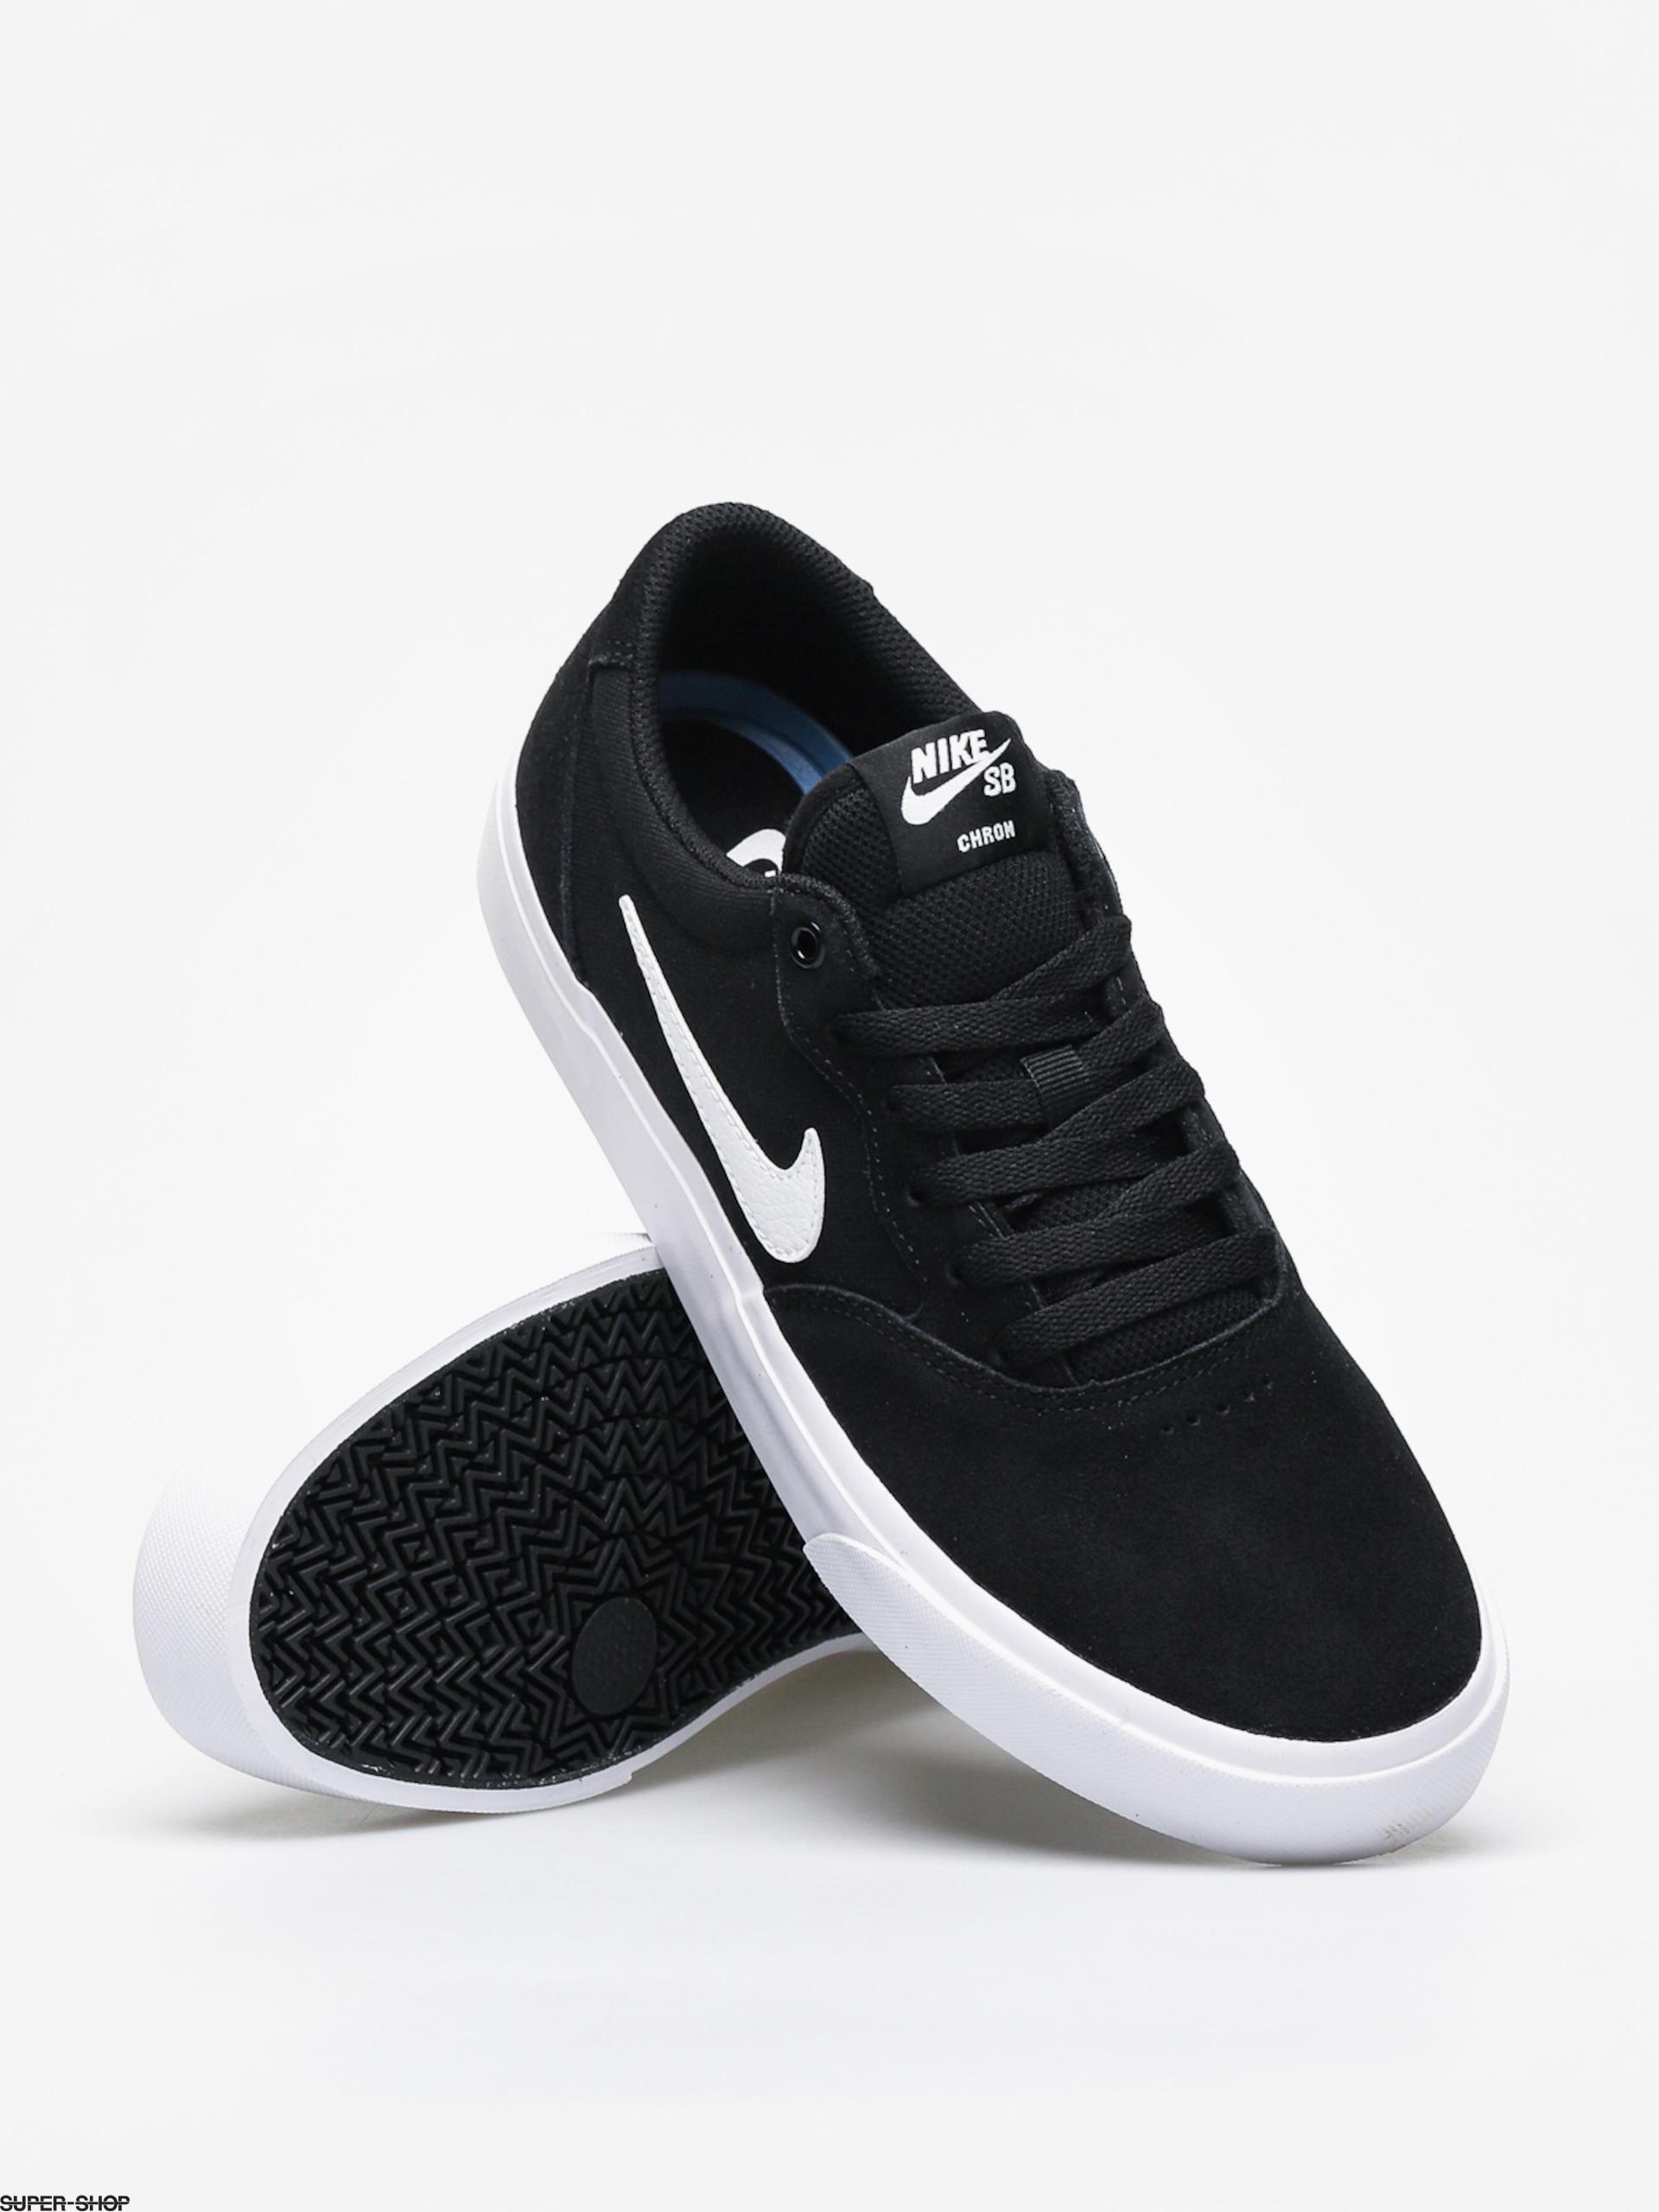 Piccione ereditare fioco  Nike SB Chron Slr Shoes (black/white)